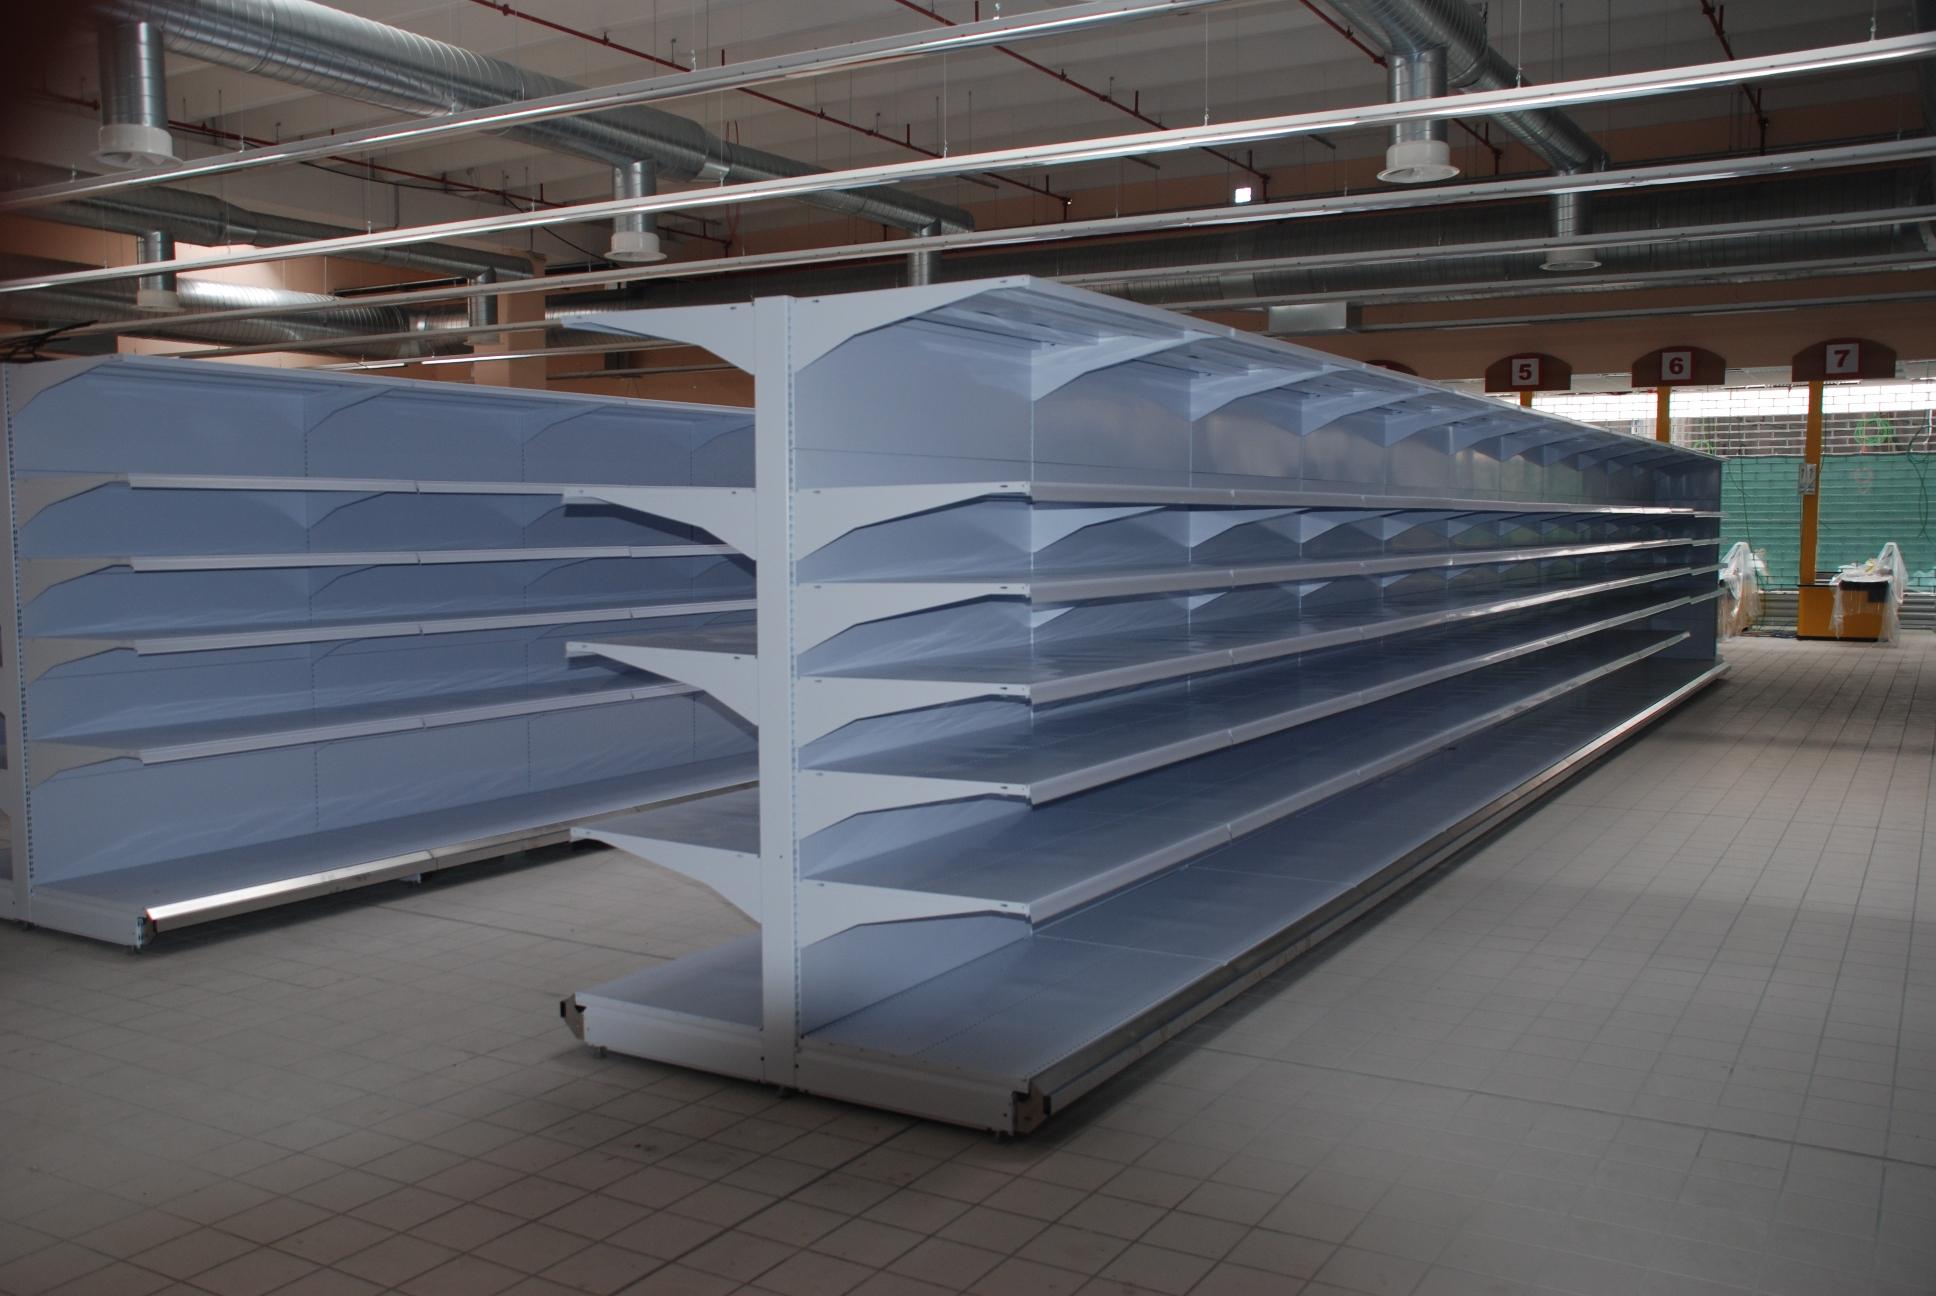 Scaffalature Usate Per Negozi.Gondole Murali Per Negozio Sga Scaffalature E Soluzioni Logistiche